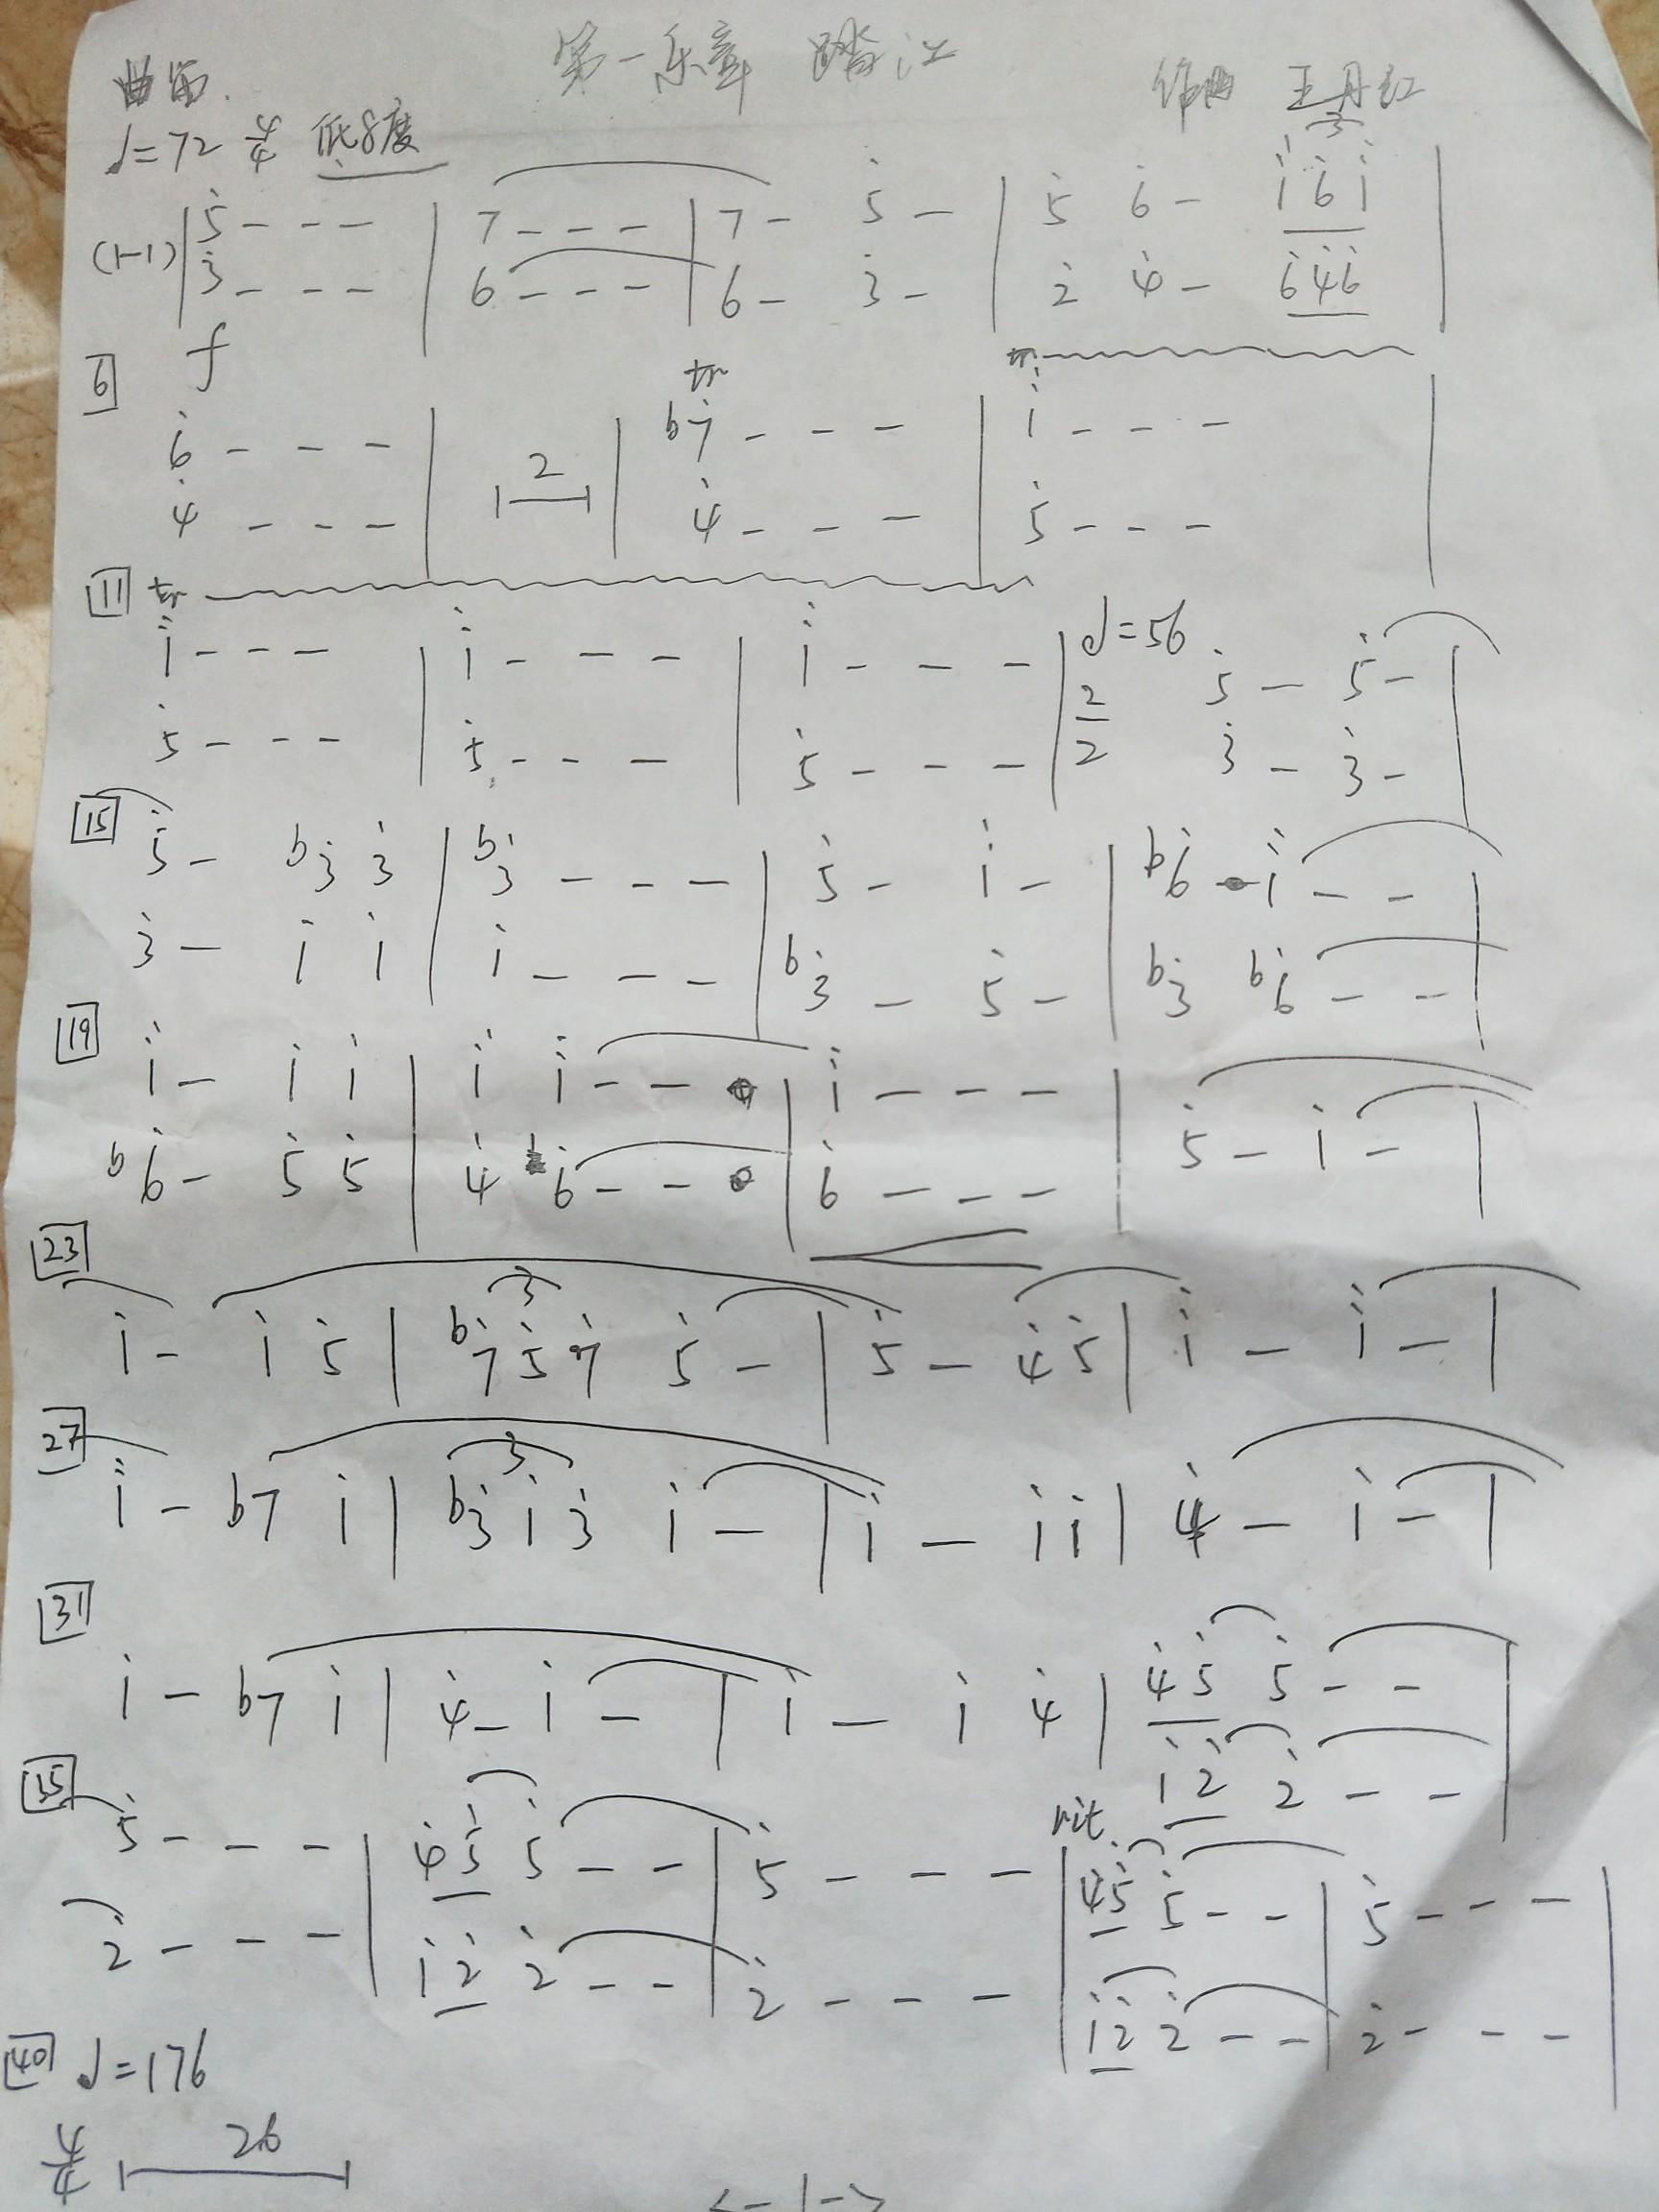 简单的发声练习谱子